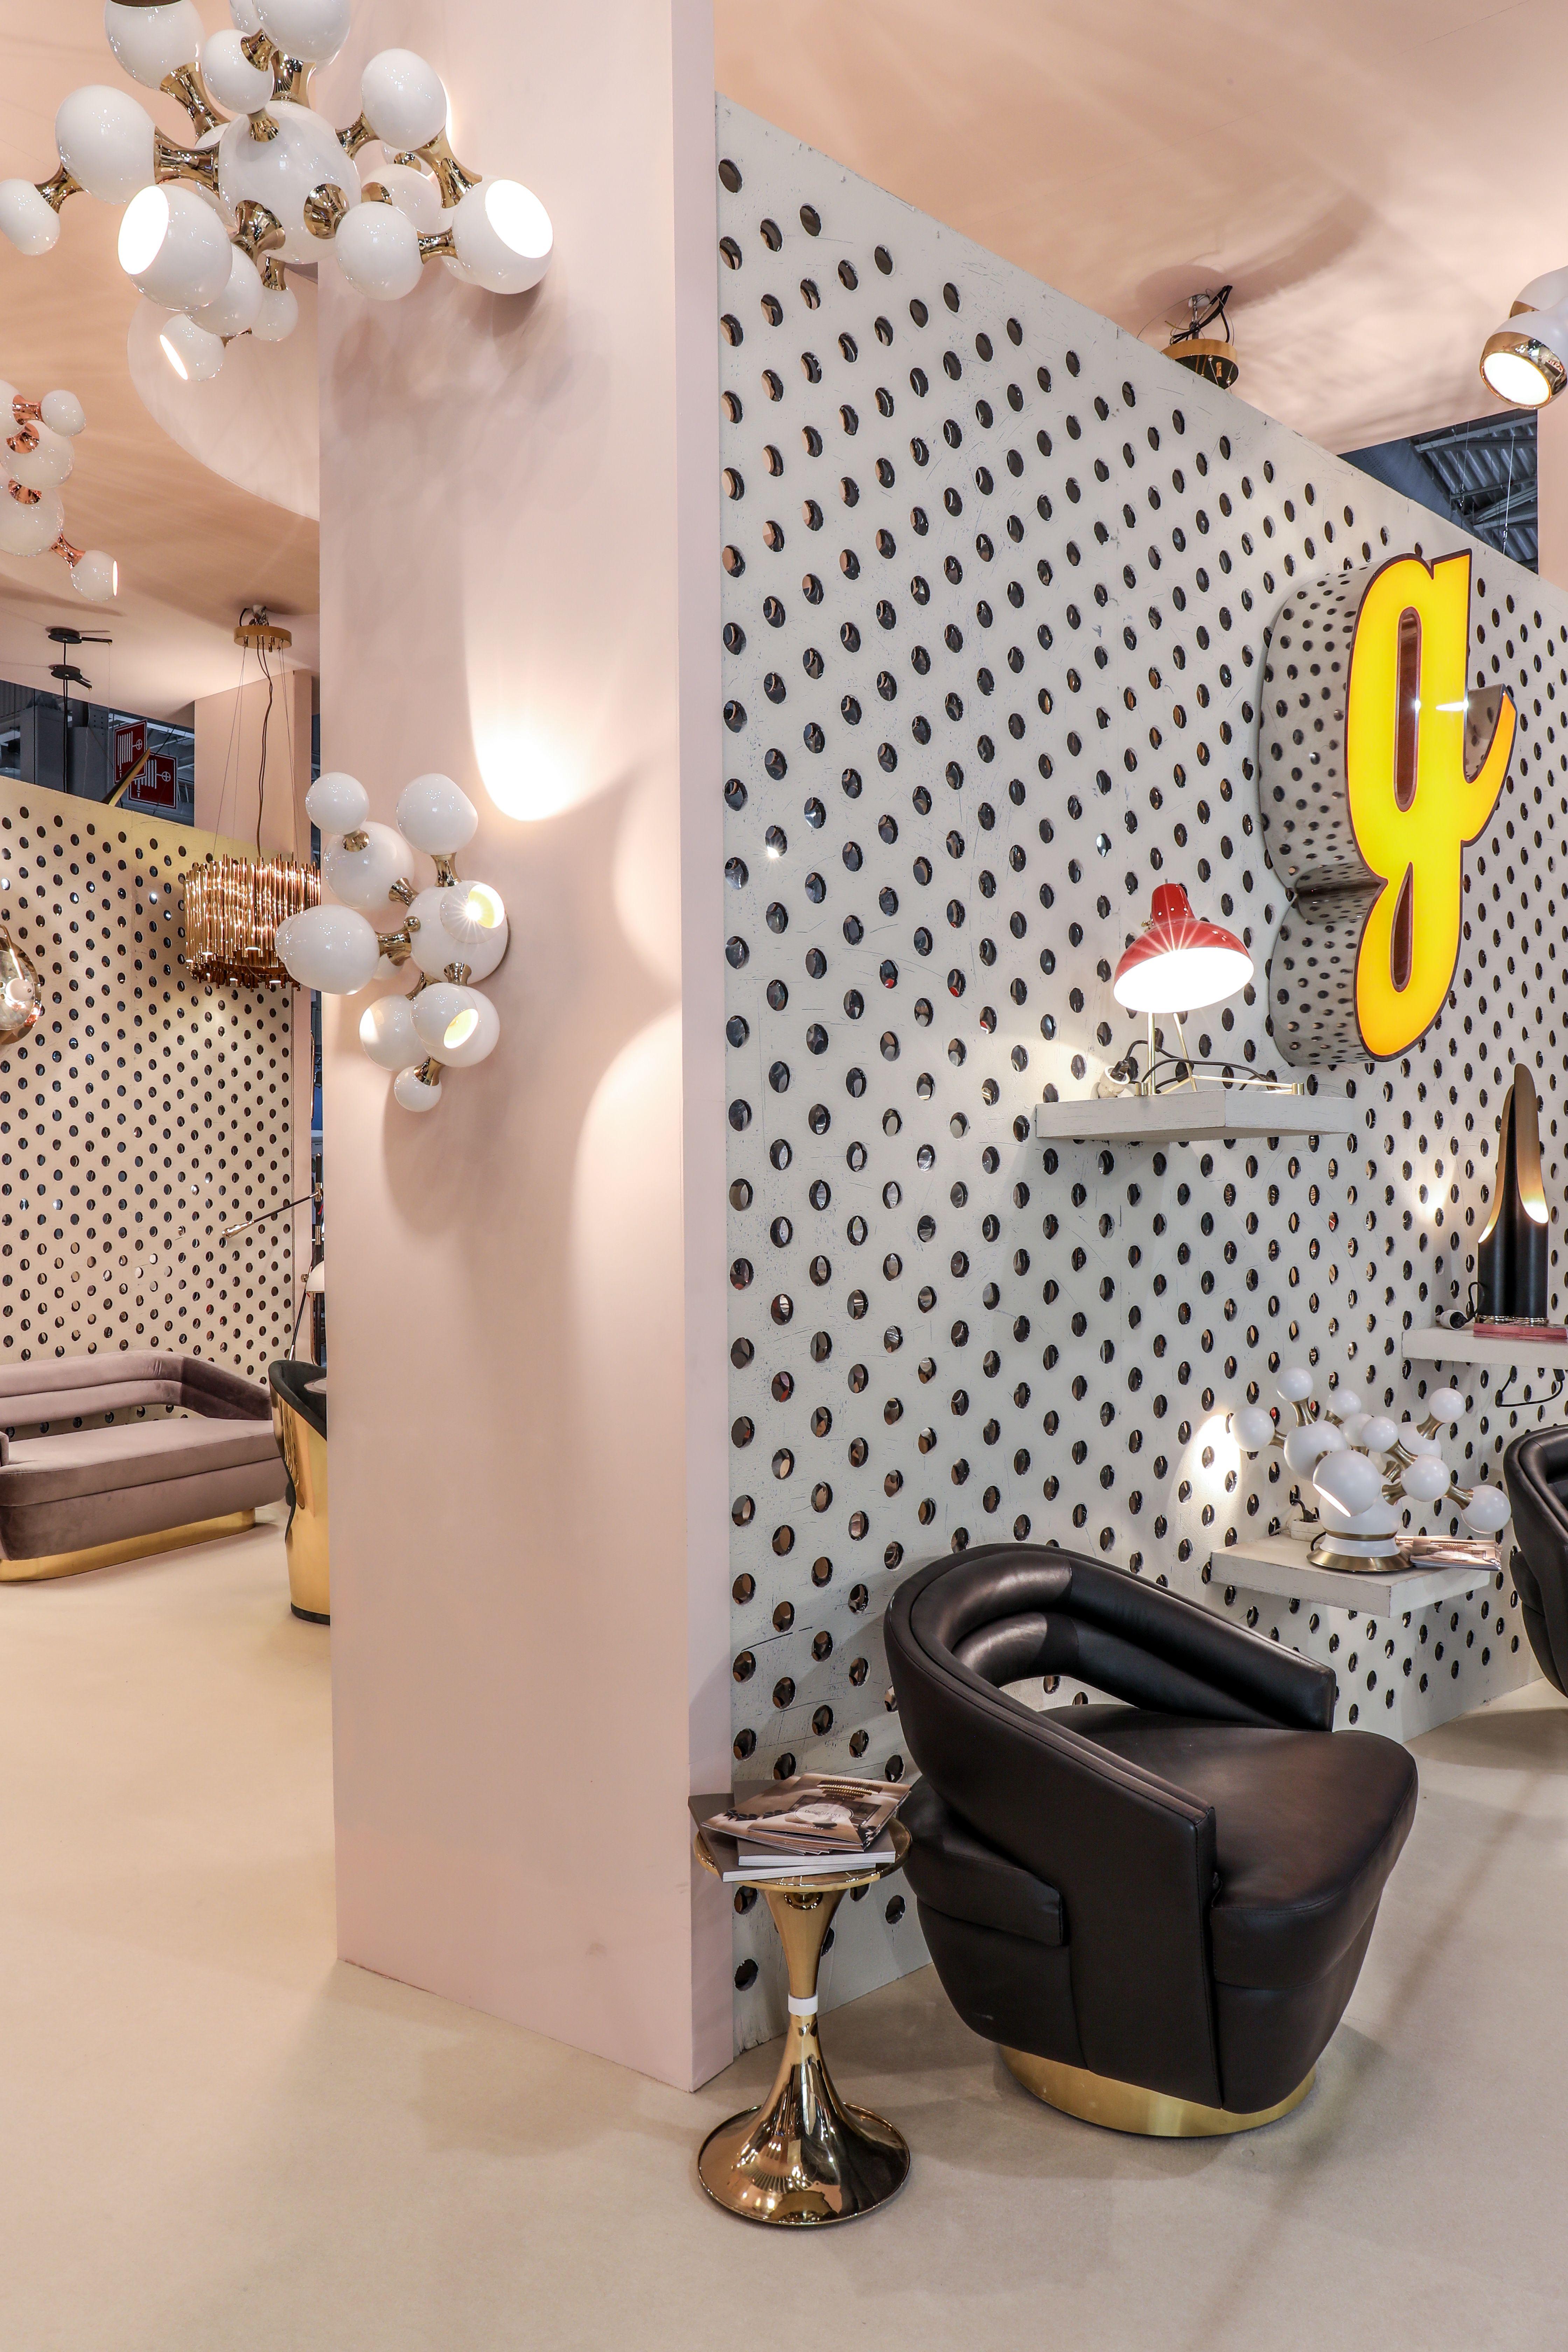 Maison Et Objet 2017 Wohnideen | Einrichtungsideen | Schöner Wohnen | Wohnzimmer  Ideen | Design Inspirationen